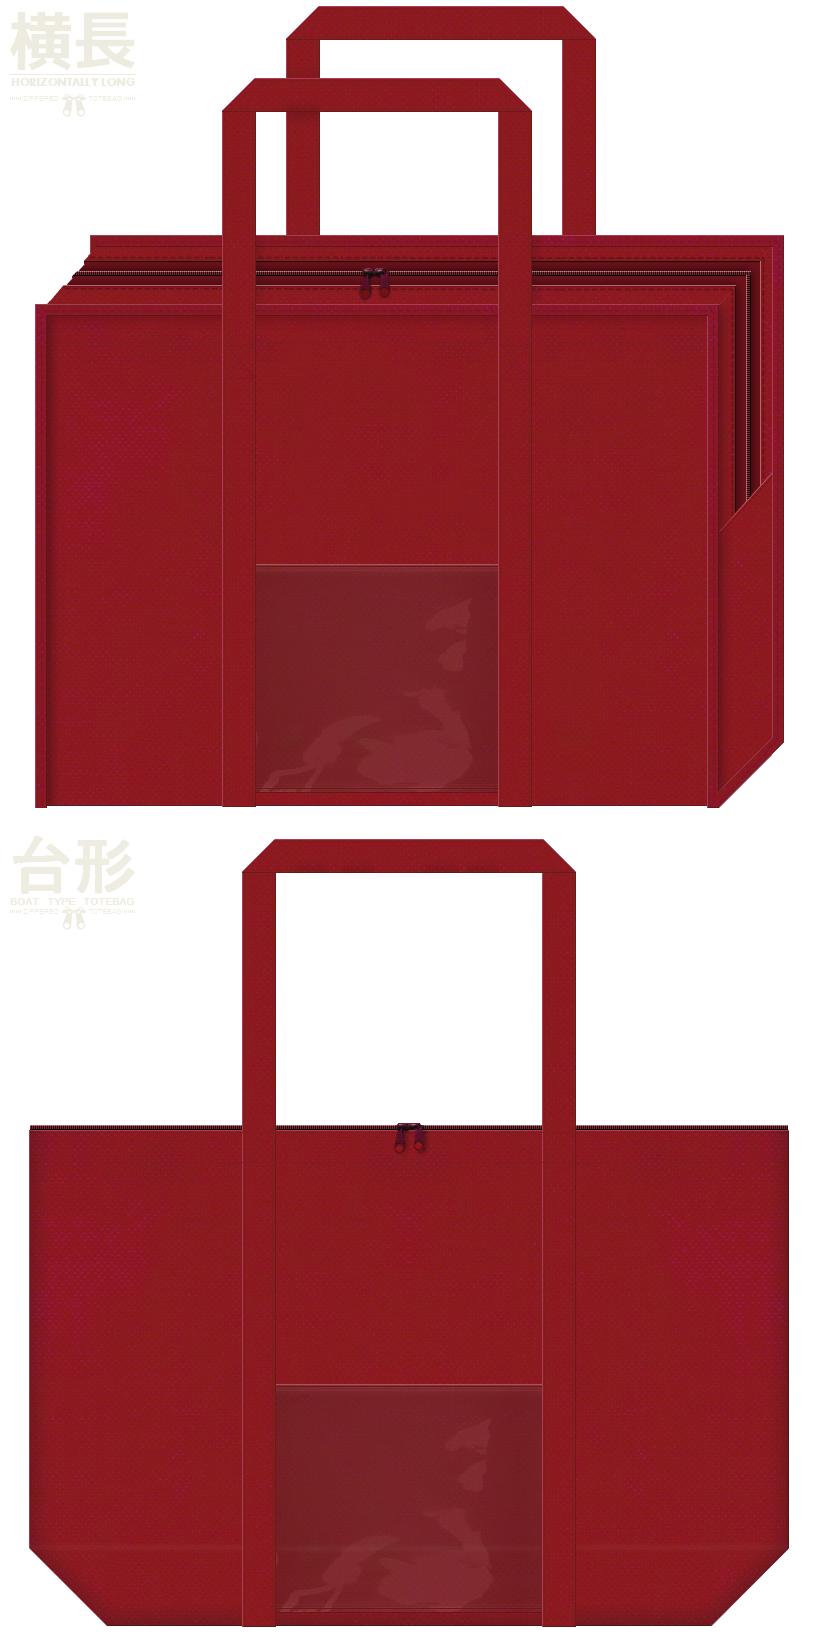 エンジ色の不織布バッグデザイン:透明ポケットの付きの不織布ランドリーバッグ